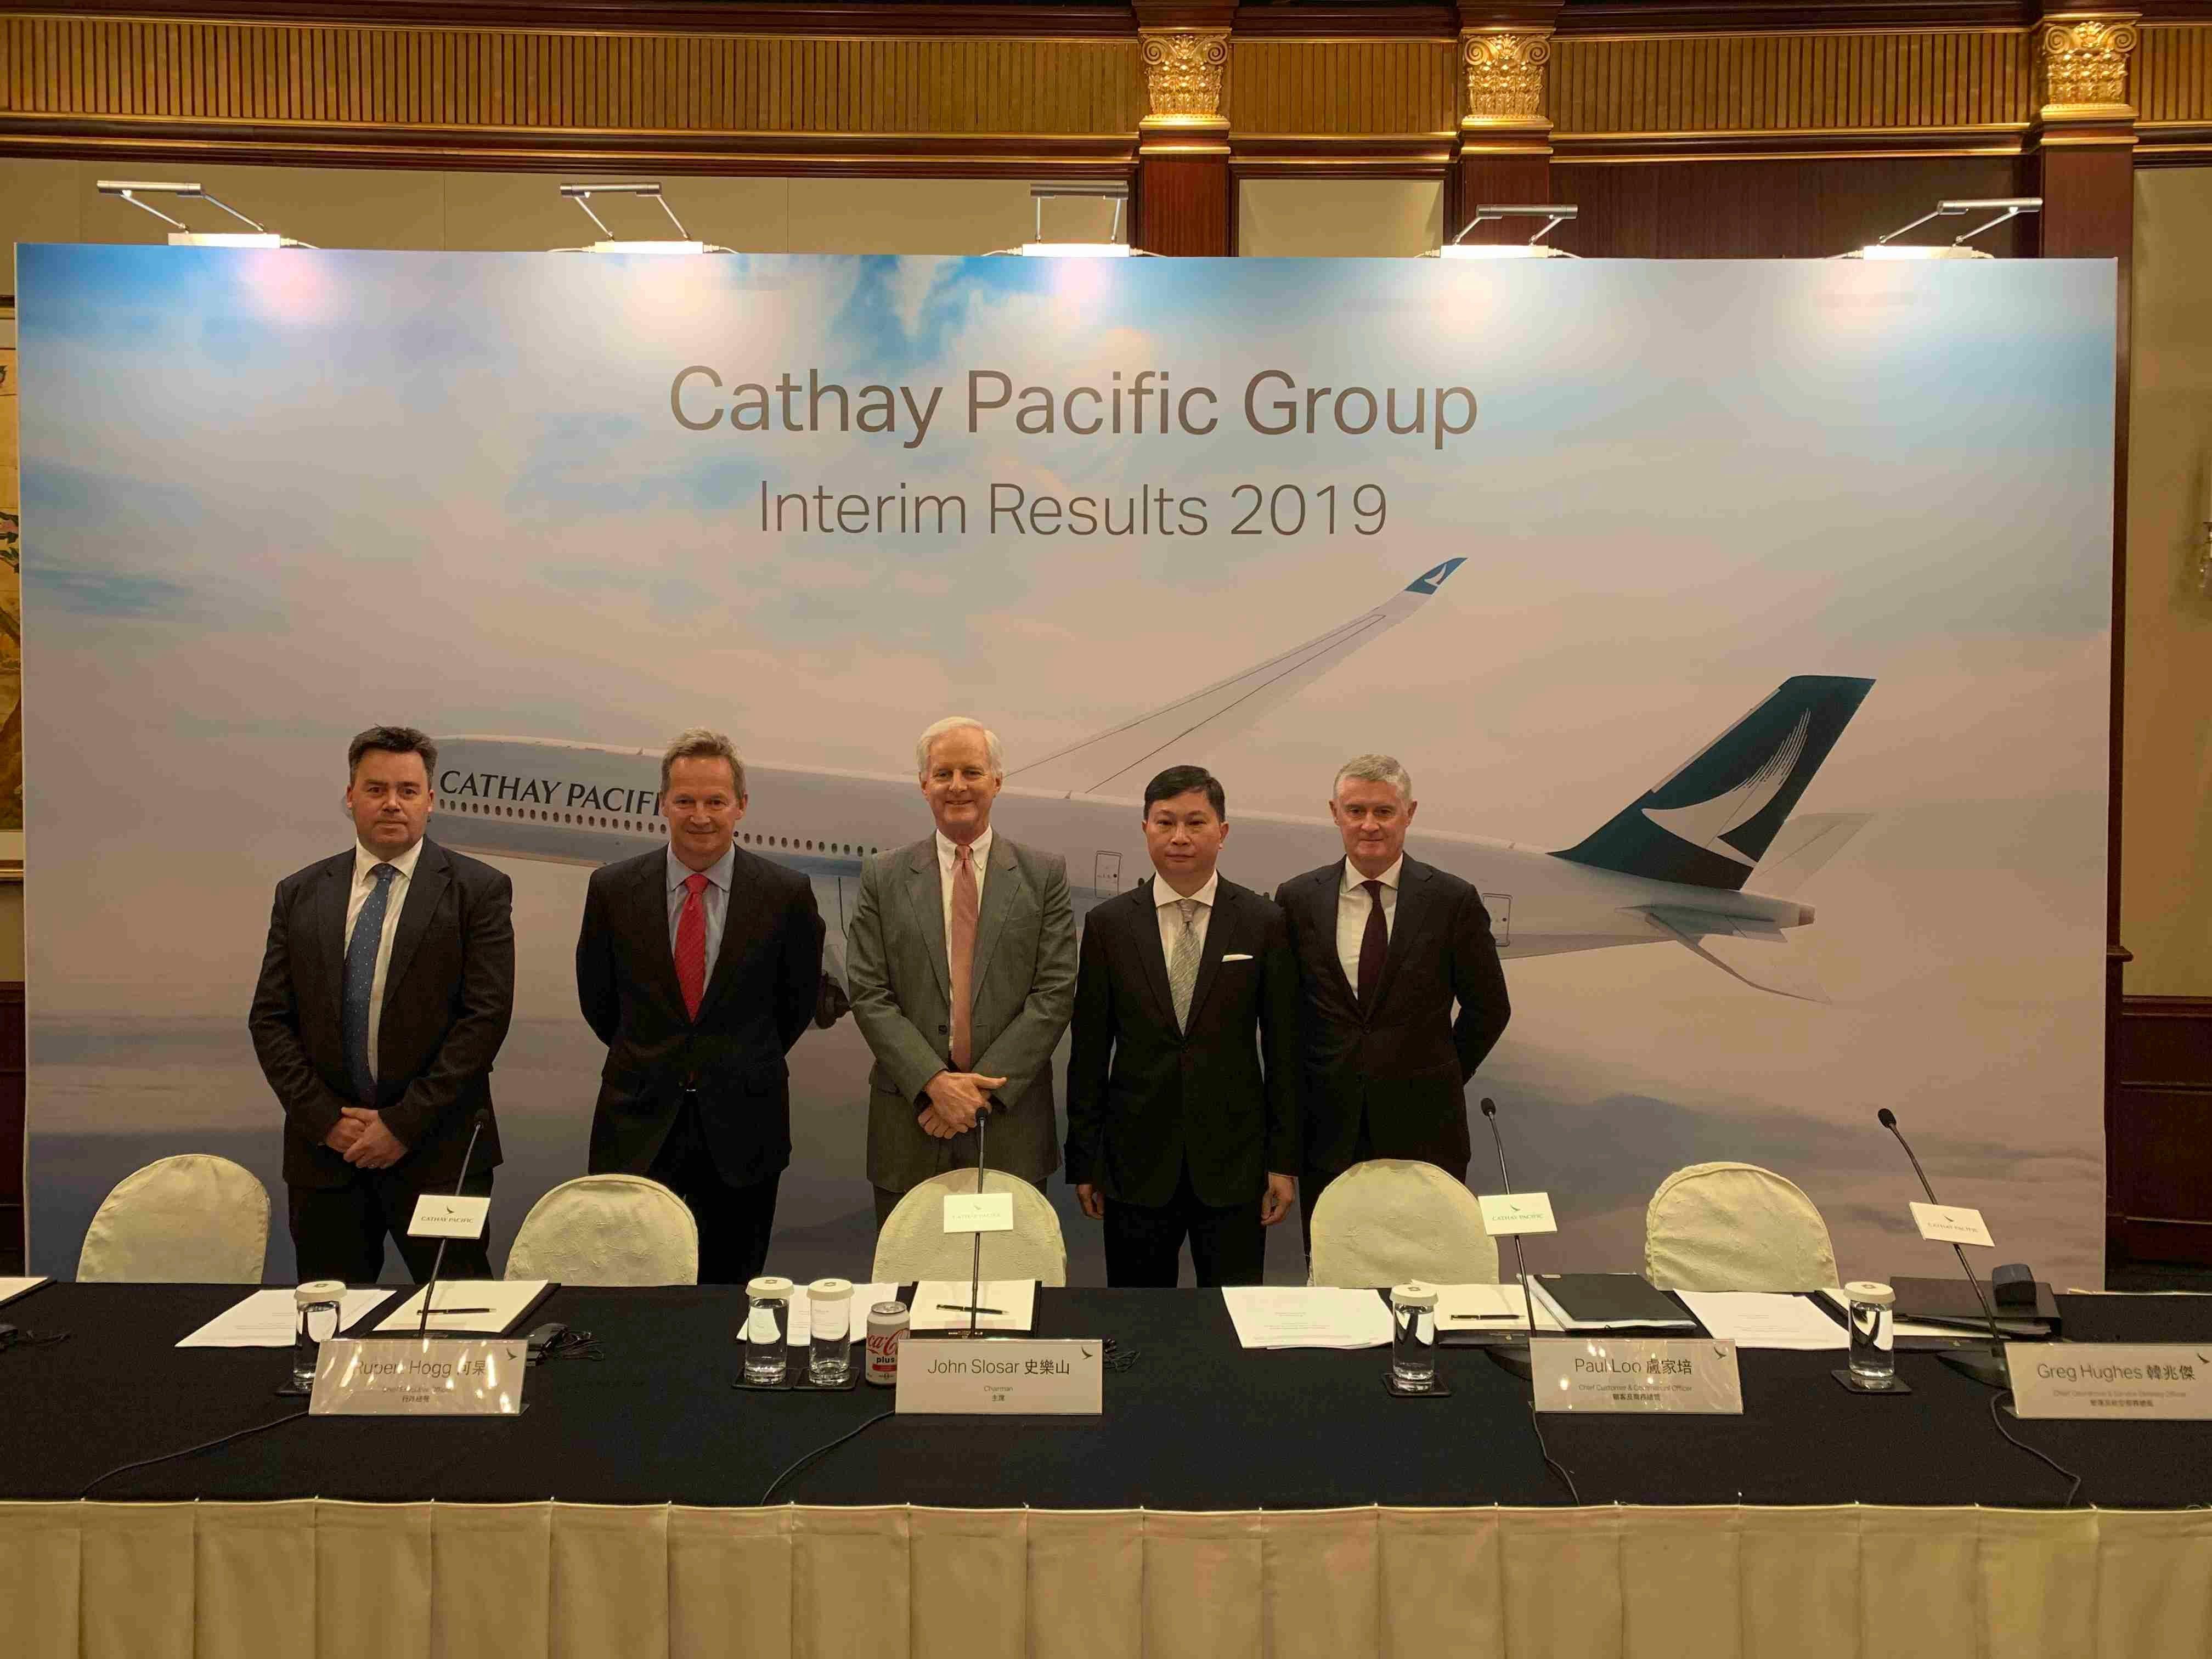 香港国泰航空:上半年货运量以及收益率均有所下滑